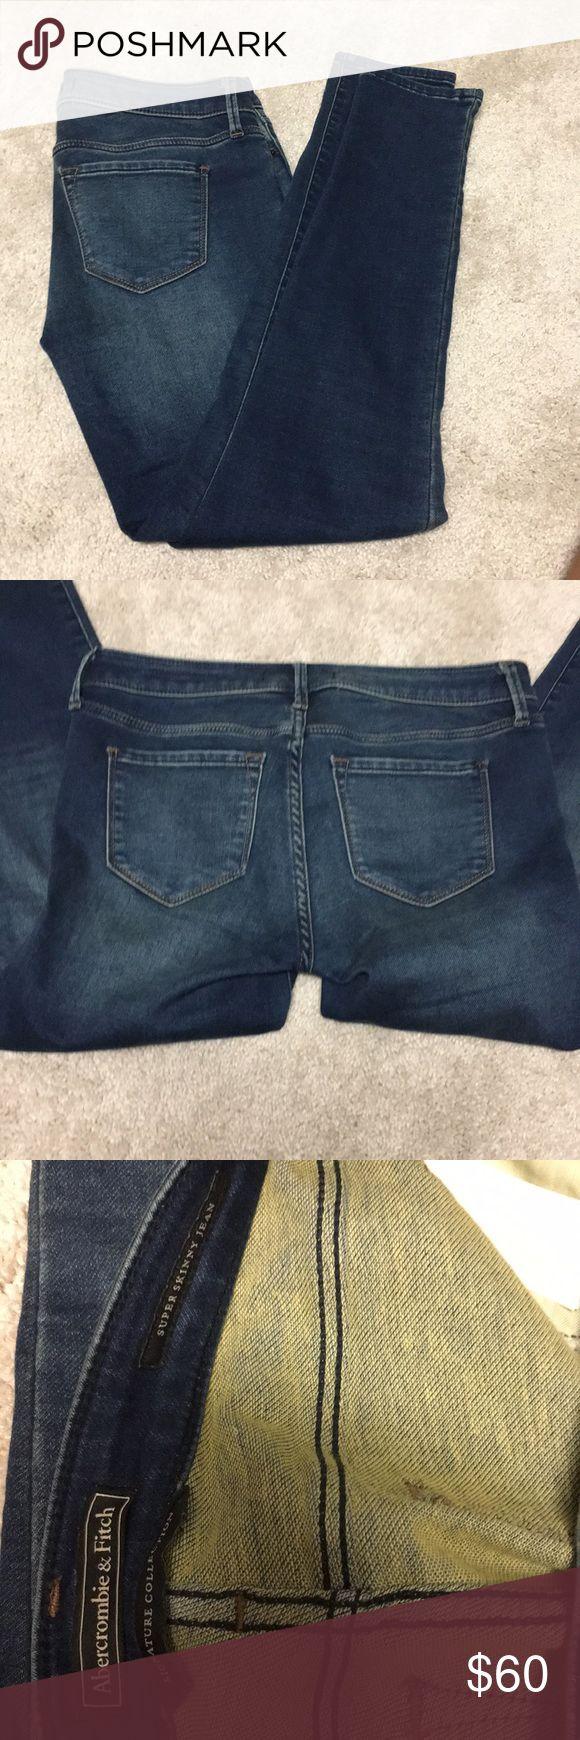 Abercrombie jeans Brand new Abercrombie skinny jeans Abercrombie & Fitch Pants Skinny